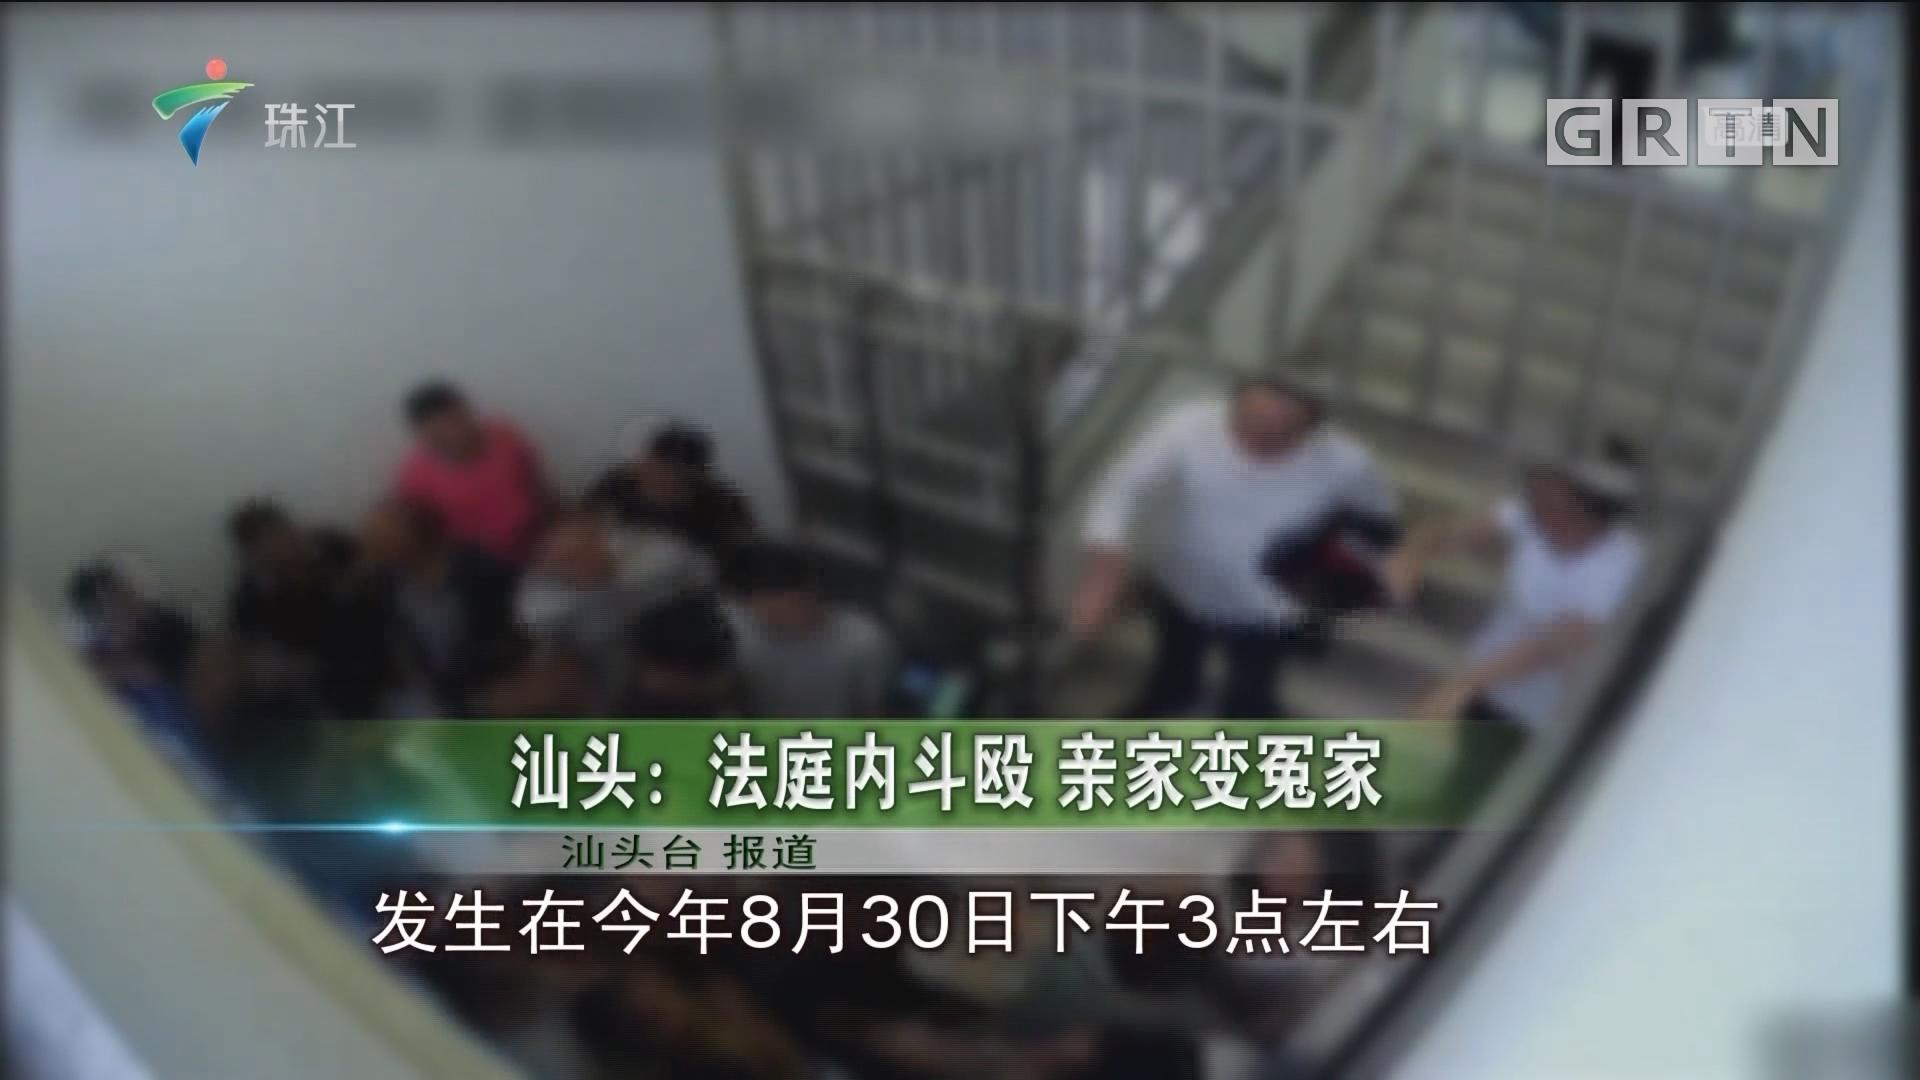 汕头:法庭内斗殴 亲家变冤家